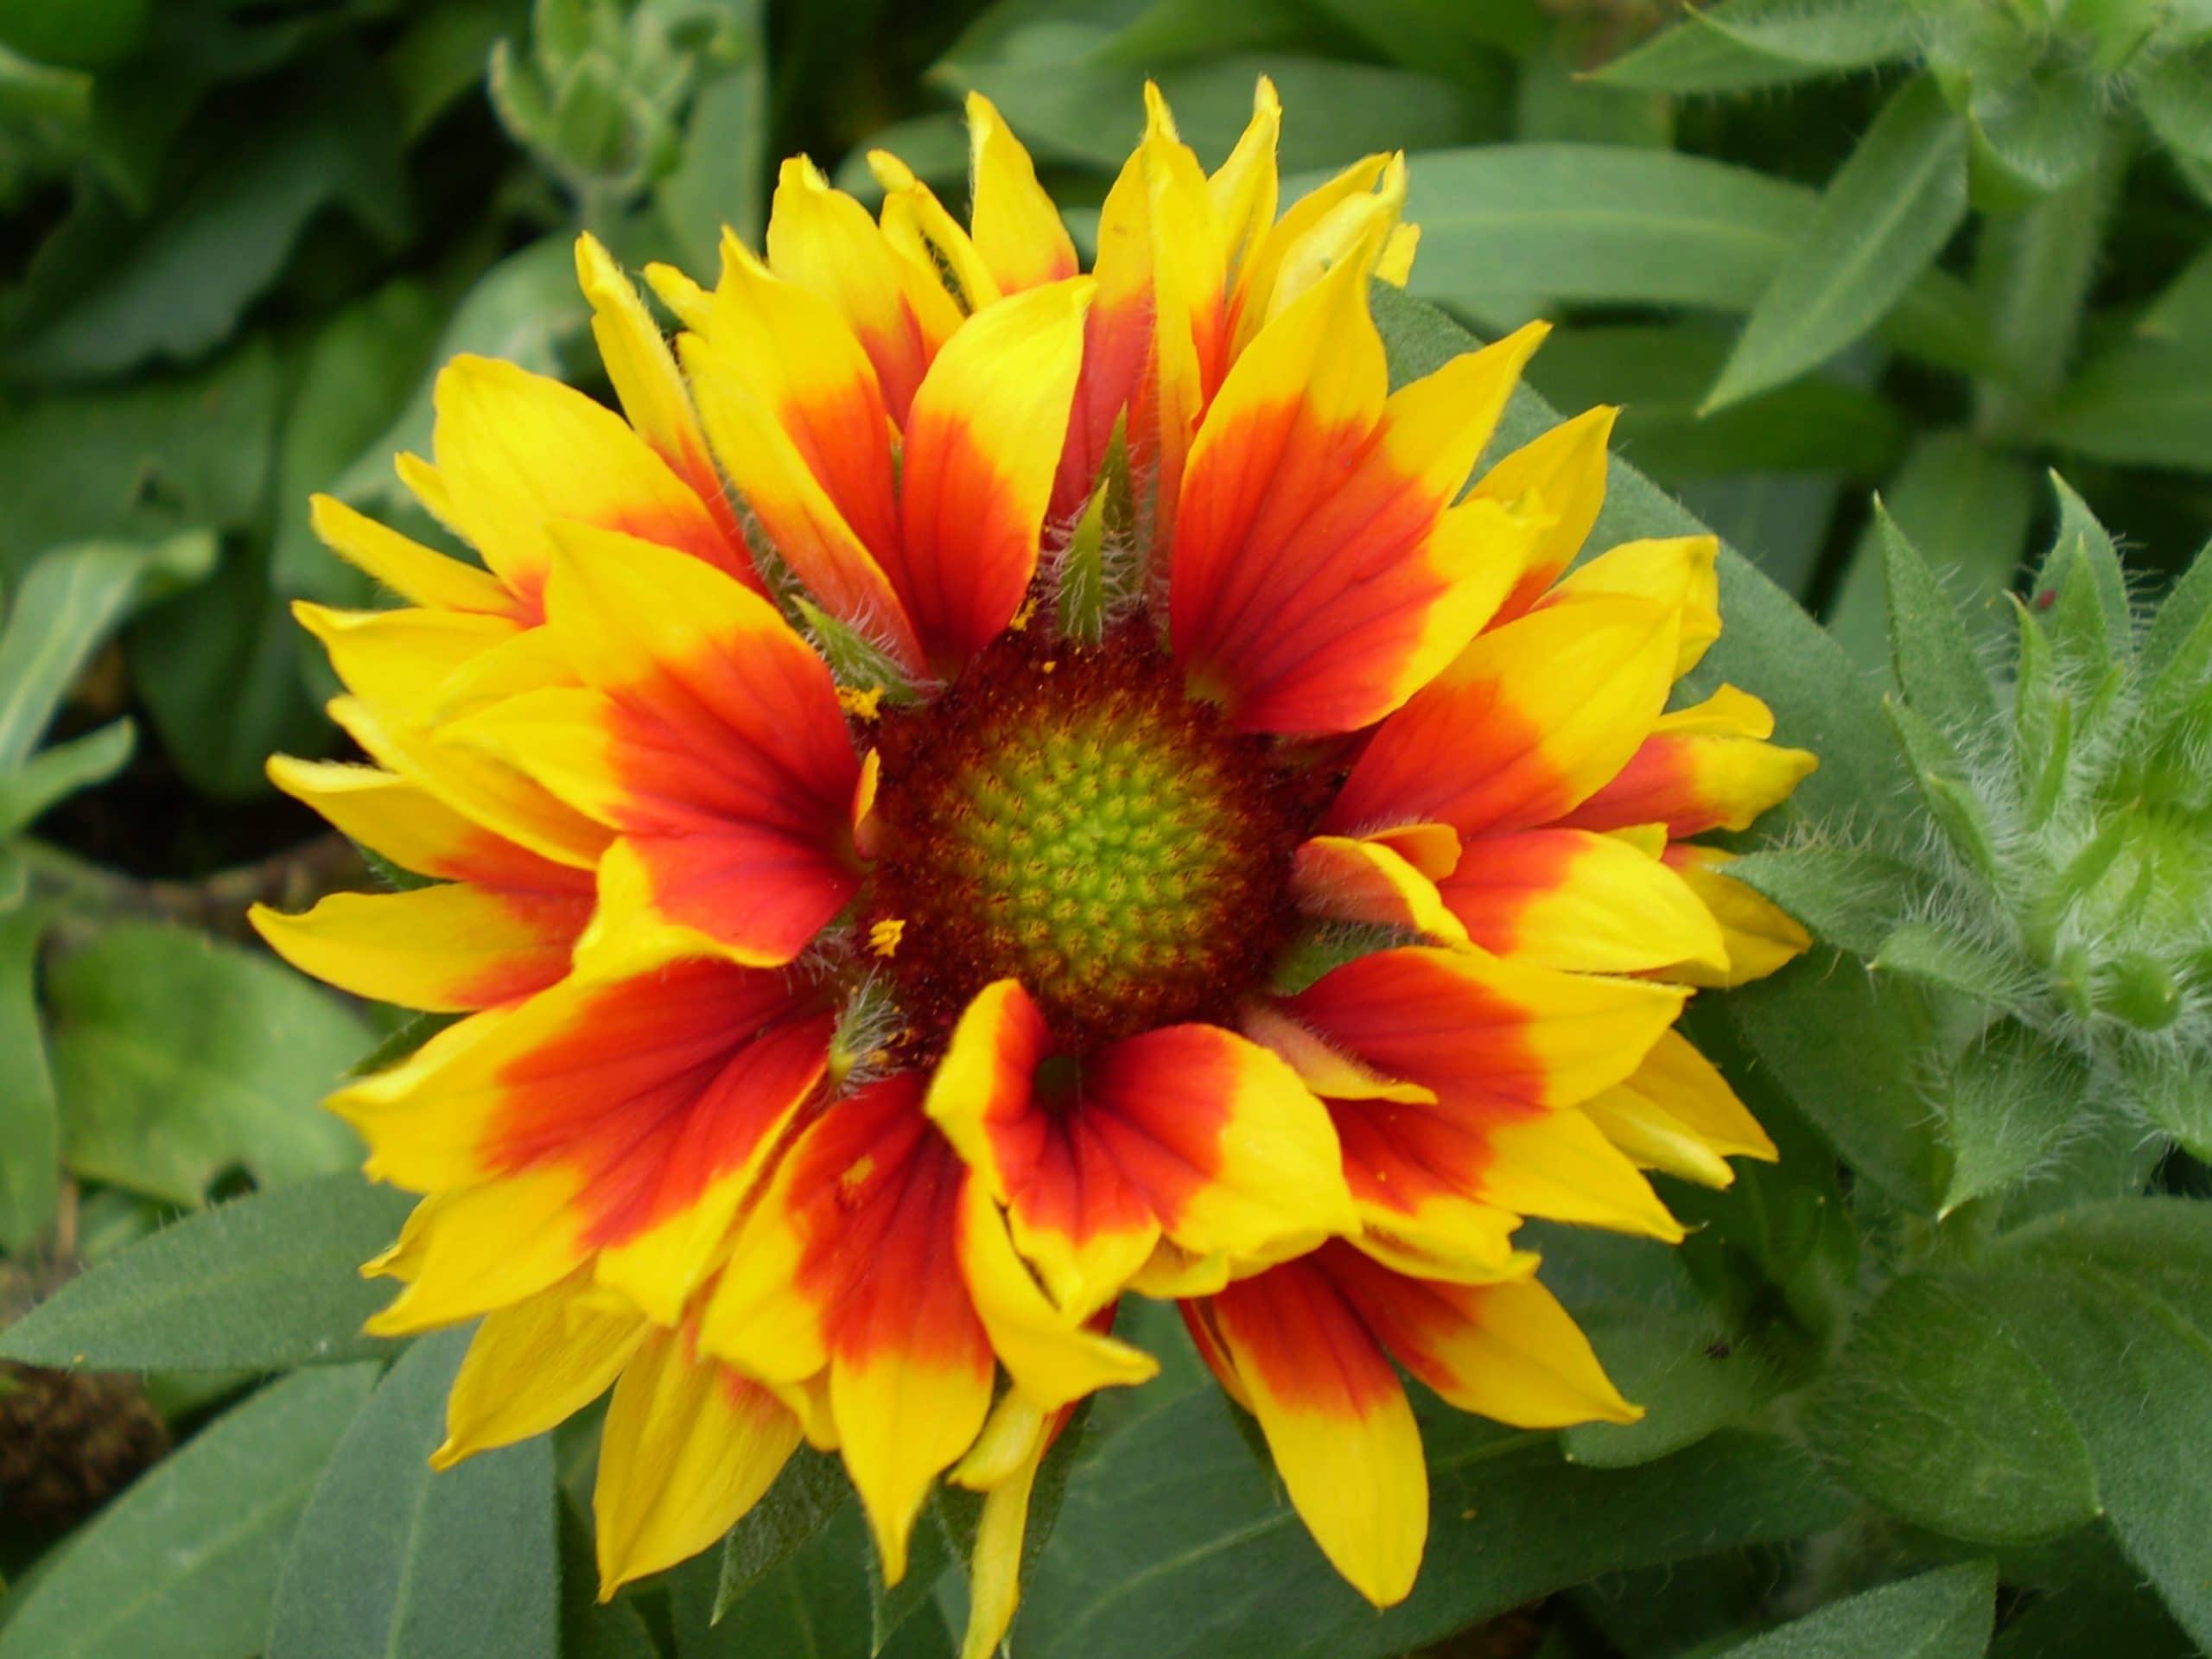 Gaillardia en flor